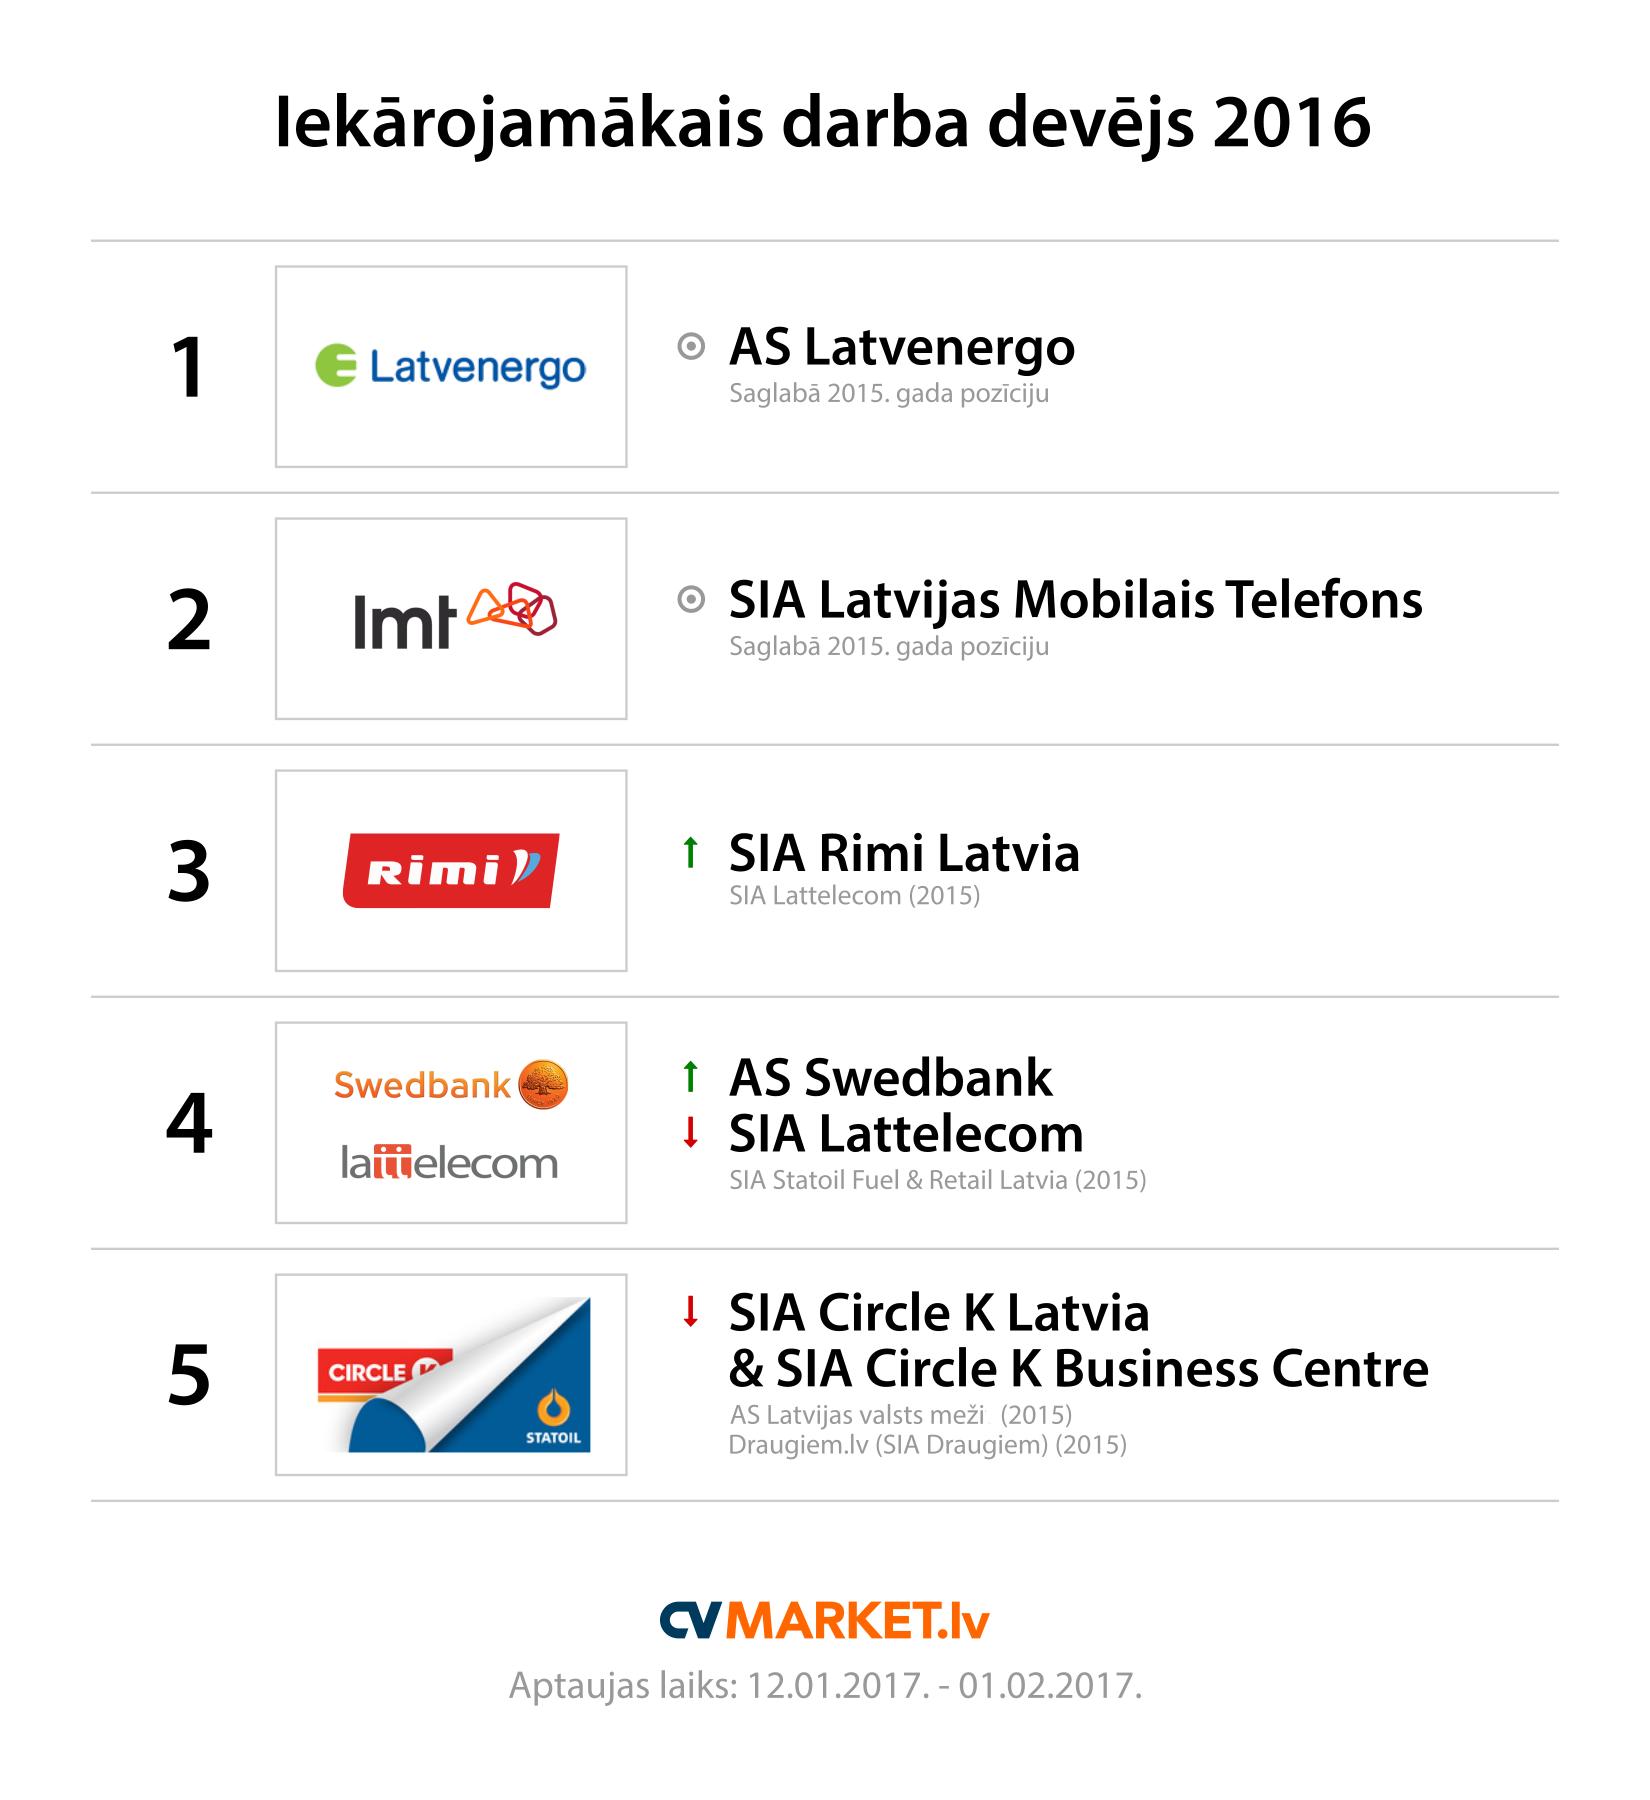 Iekārojamākie darba devēji 2016 - Top 5